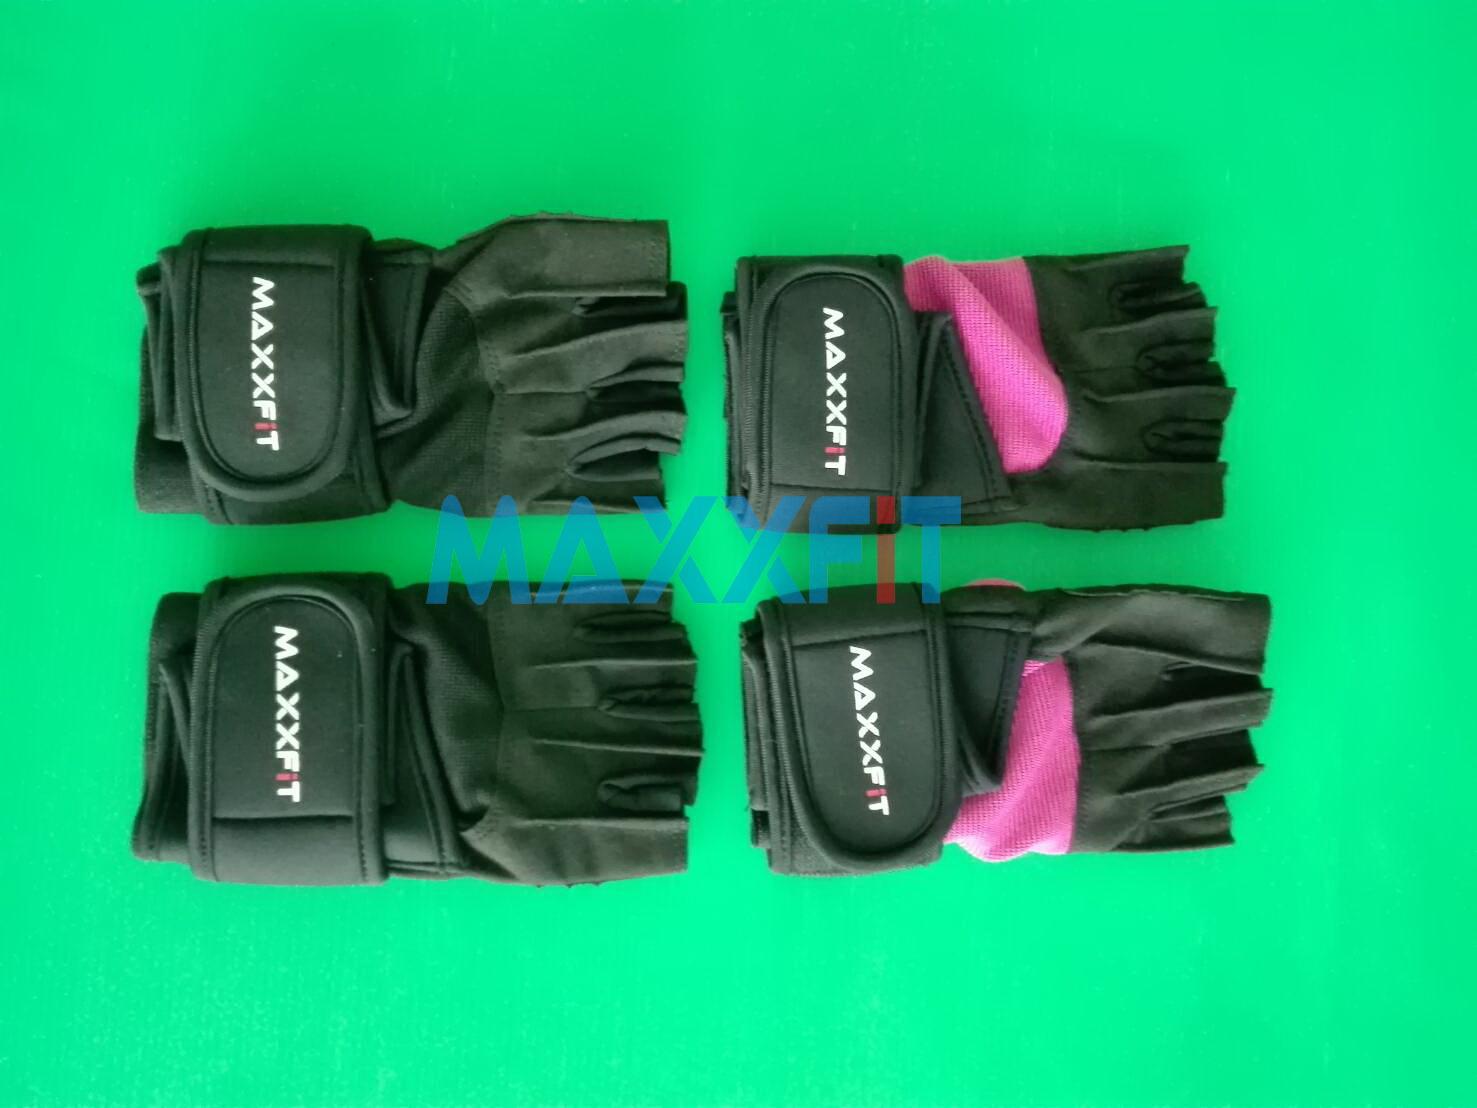 ขาย ถุงมือเล่นกล้าม ยกเวท ถุงมือฟิตเนส หรือ ถุงมือยกน้ำหนัก MAXXFiT Lifting Training Glove